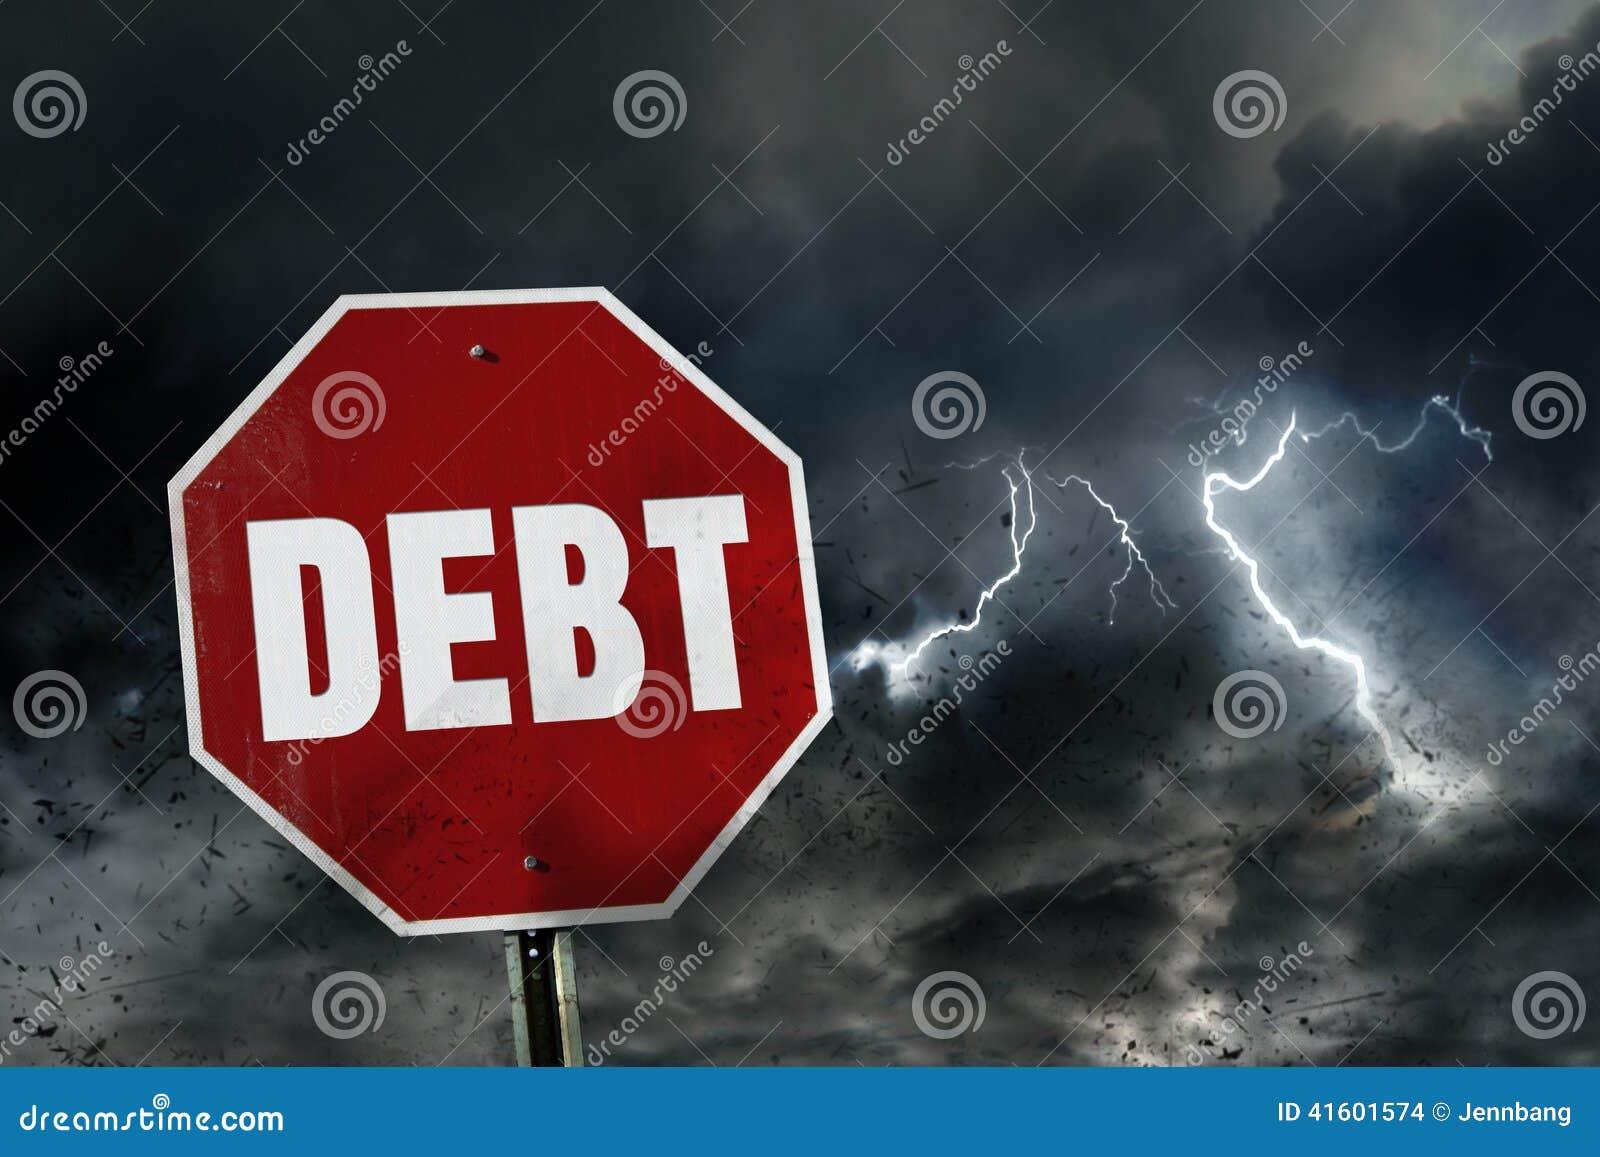 债务的风险